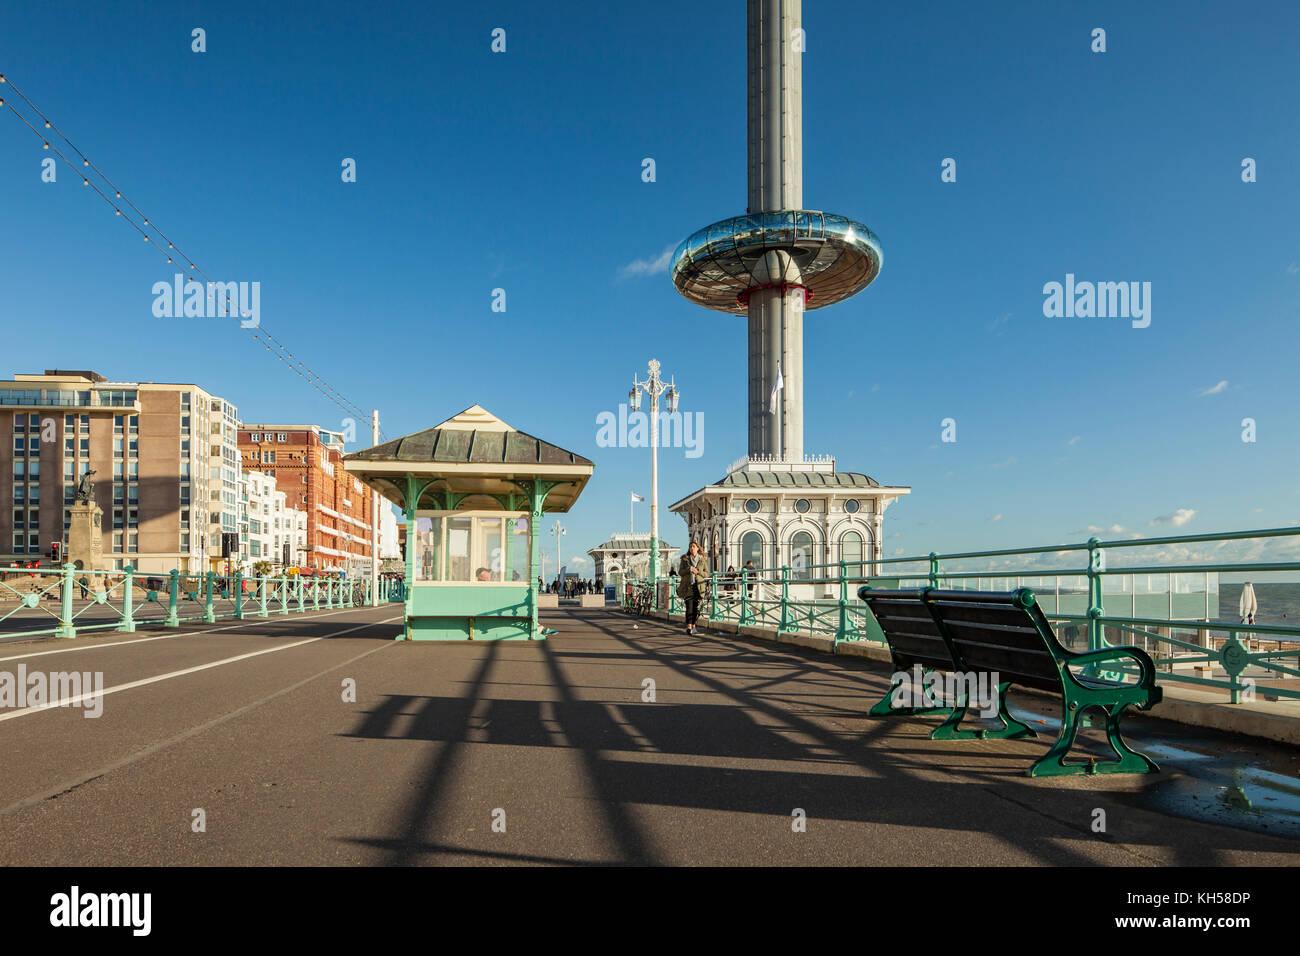 Après-midi sur le front de mer de Brighton, East Sussex, Angleterre. i360 tower au loin. Photo Stock